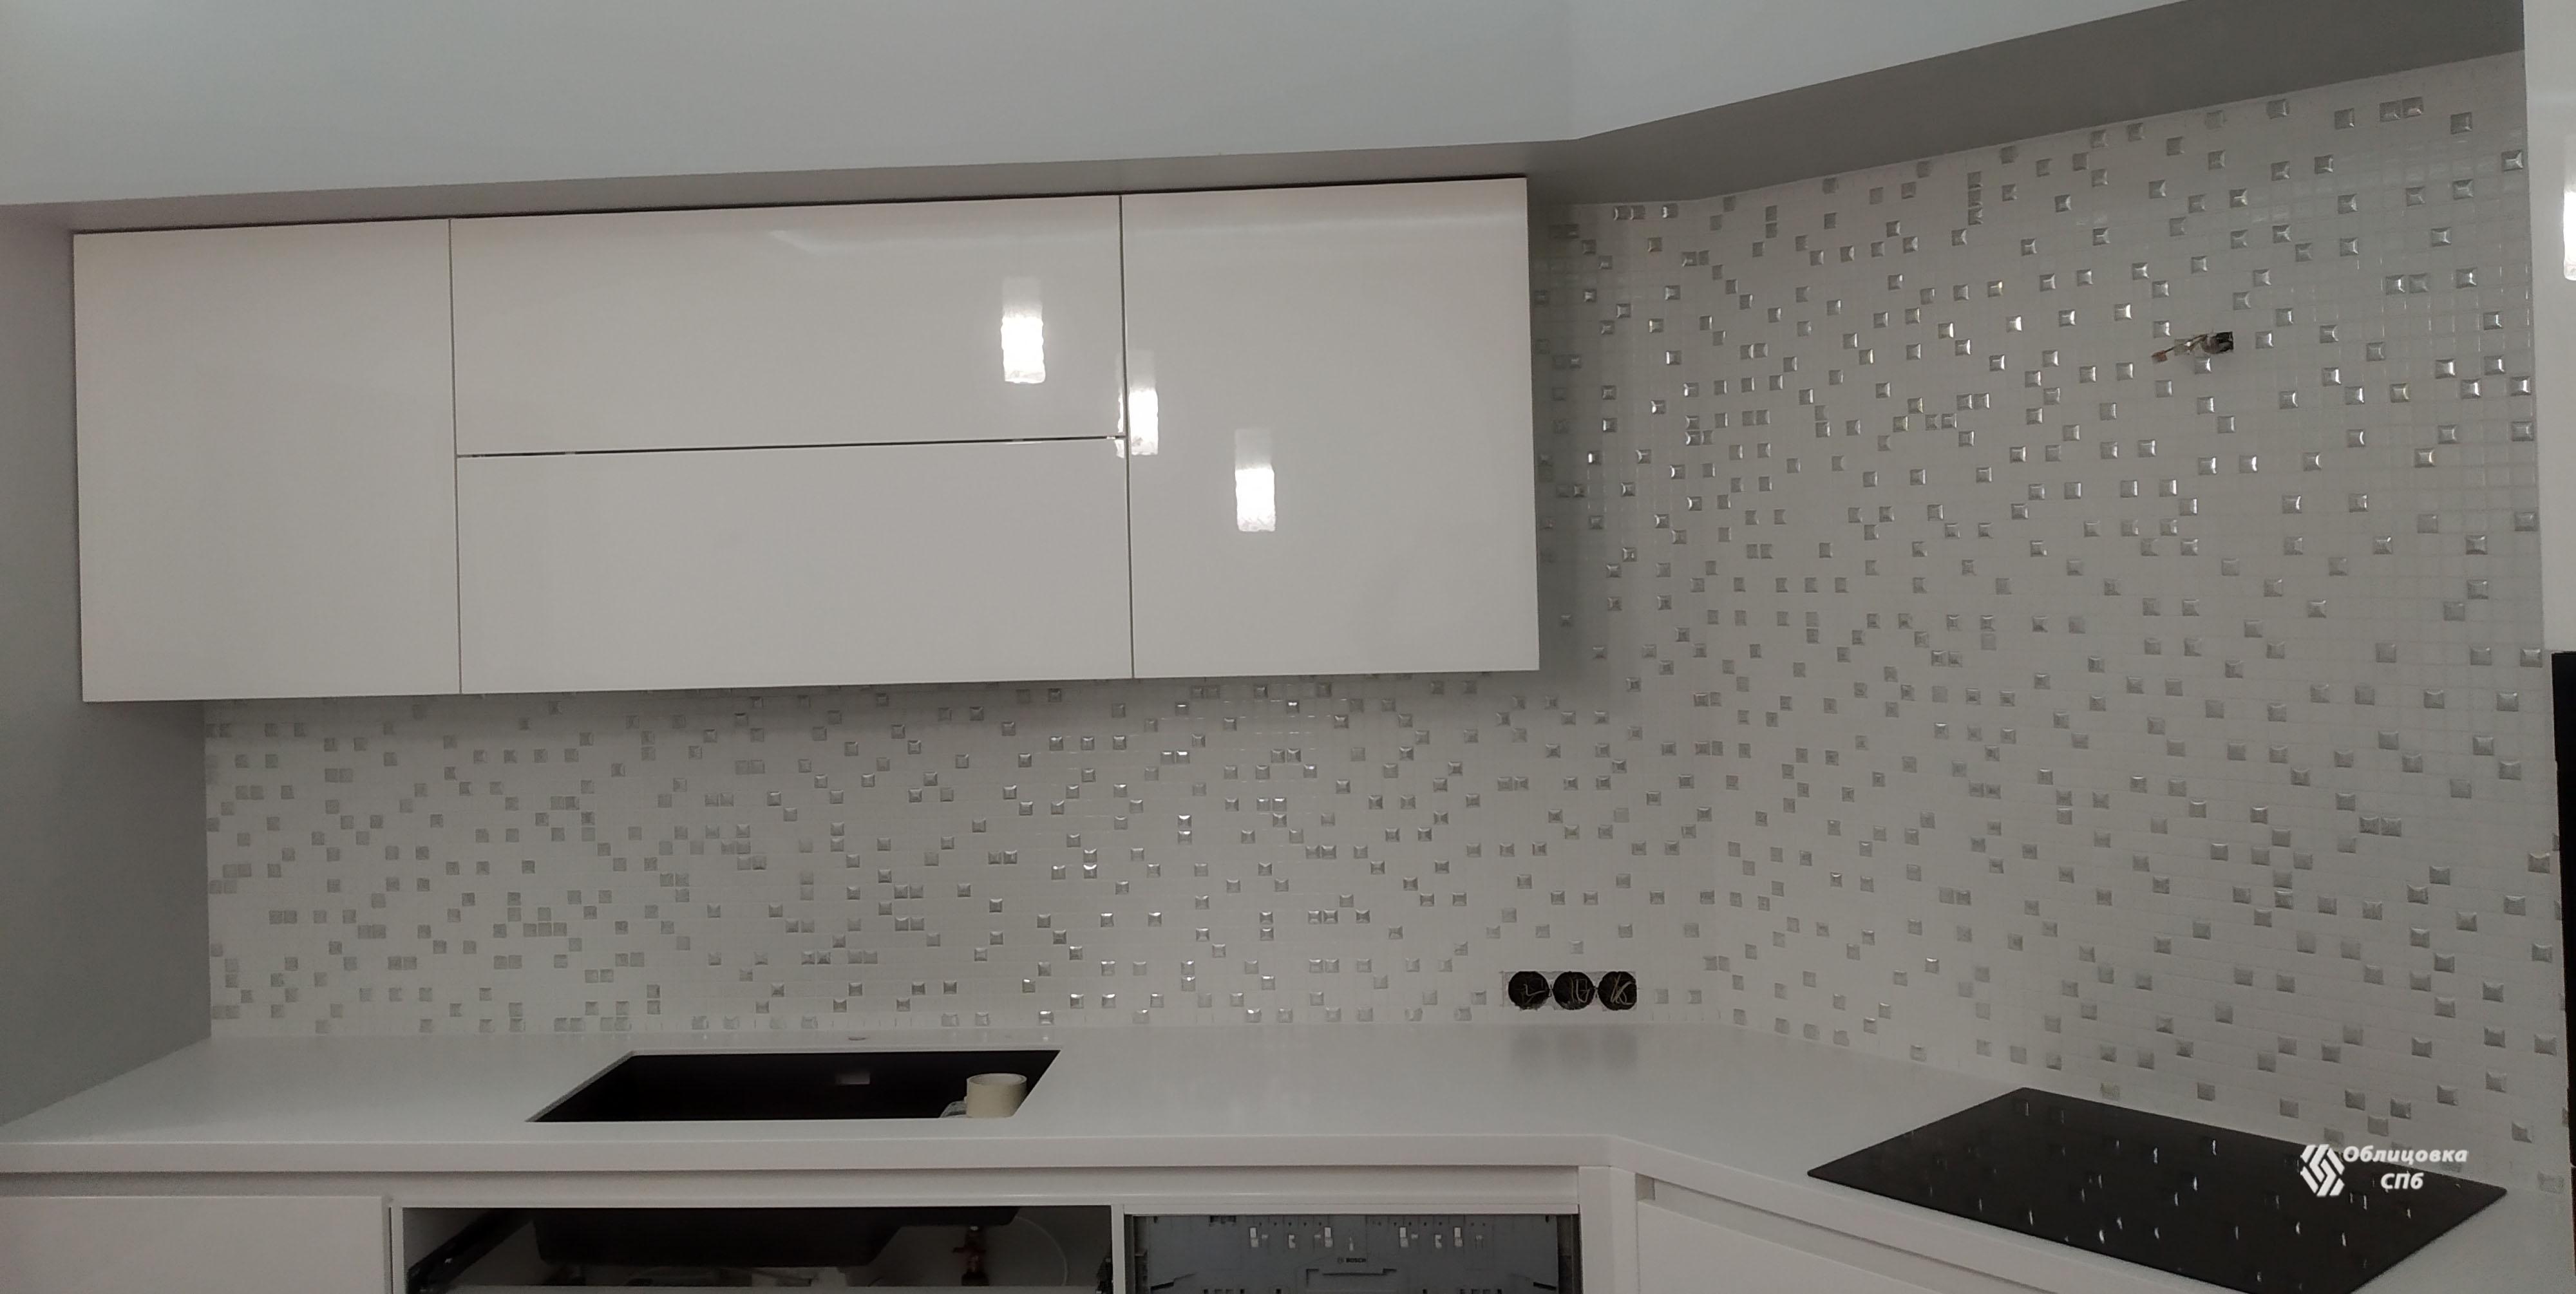 Облицовка кухонного фартука белой мозаикой из стекла с перламутровыми вставками